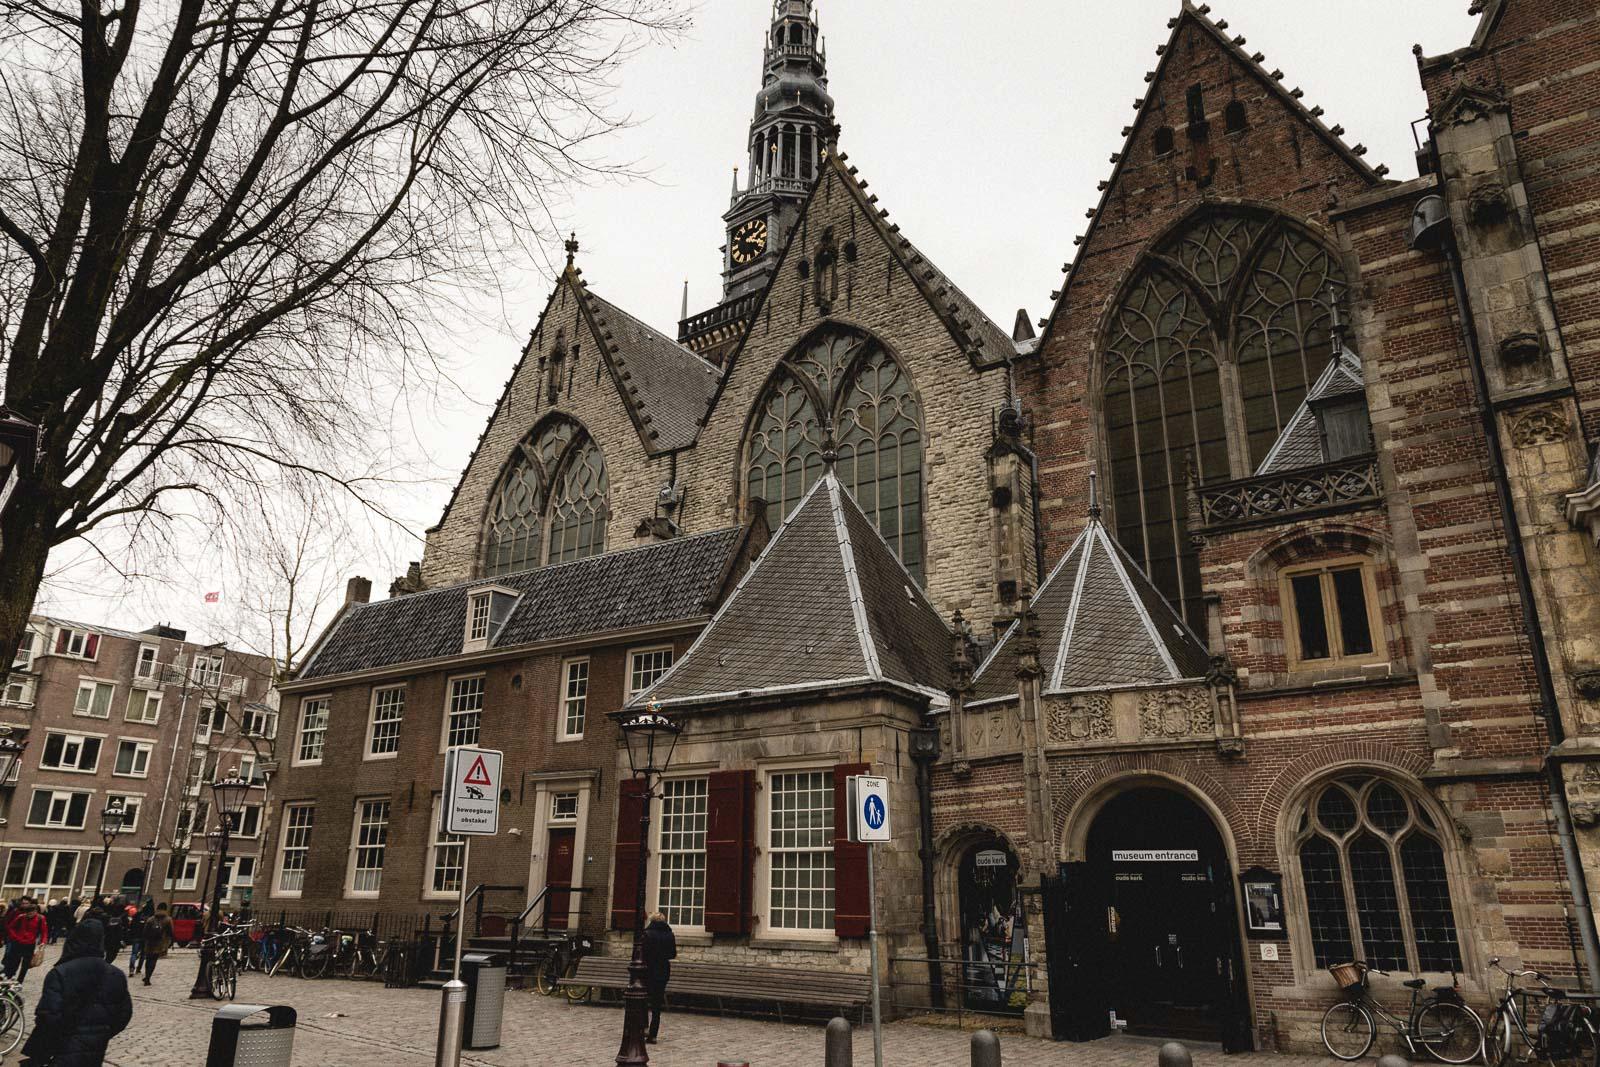 Amsterdam Reiseblog - De Wallen, Oude Kerk